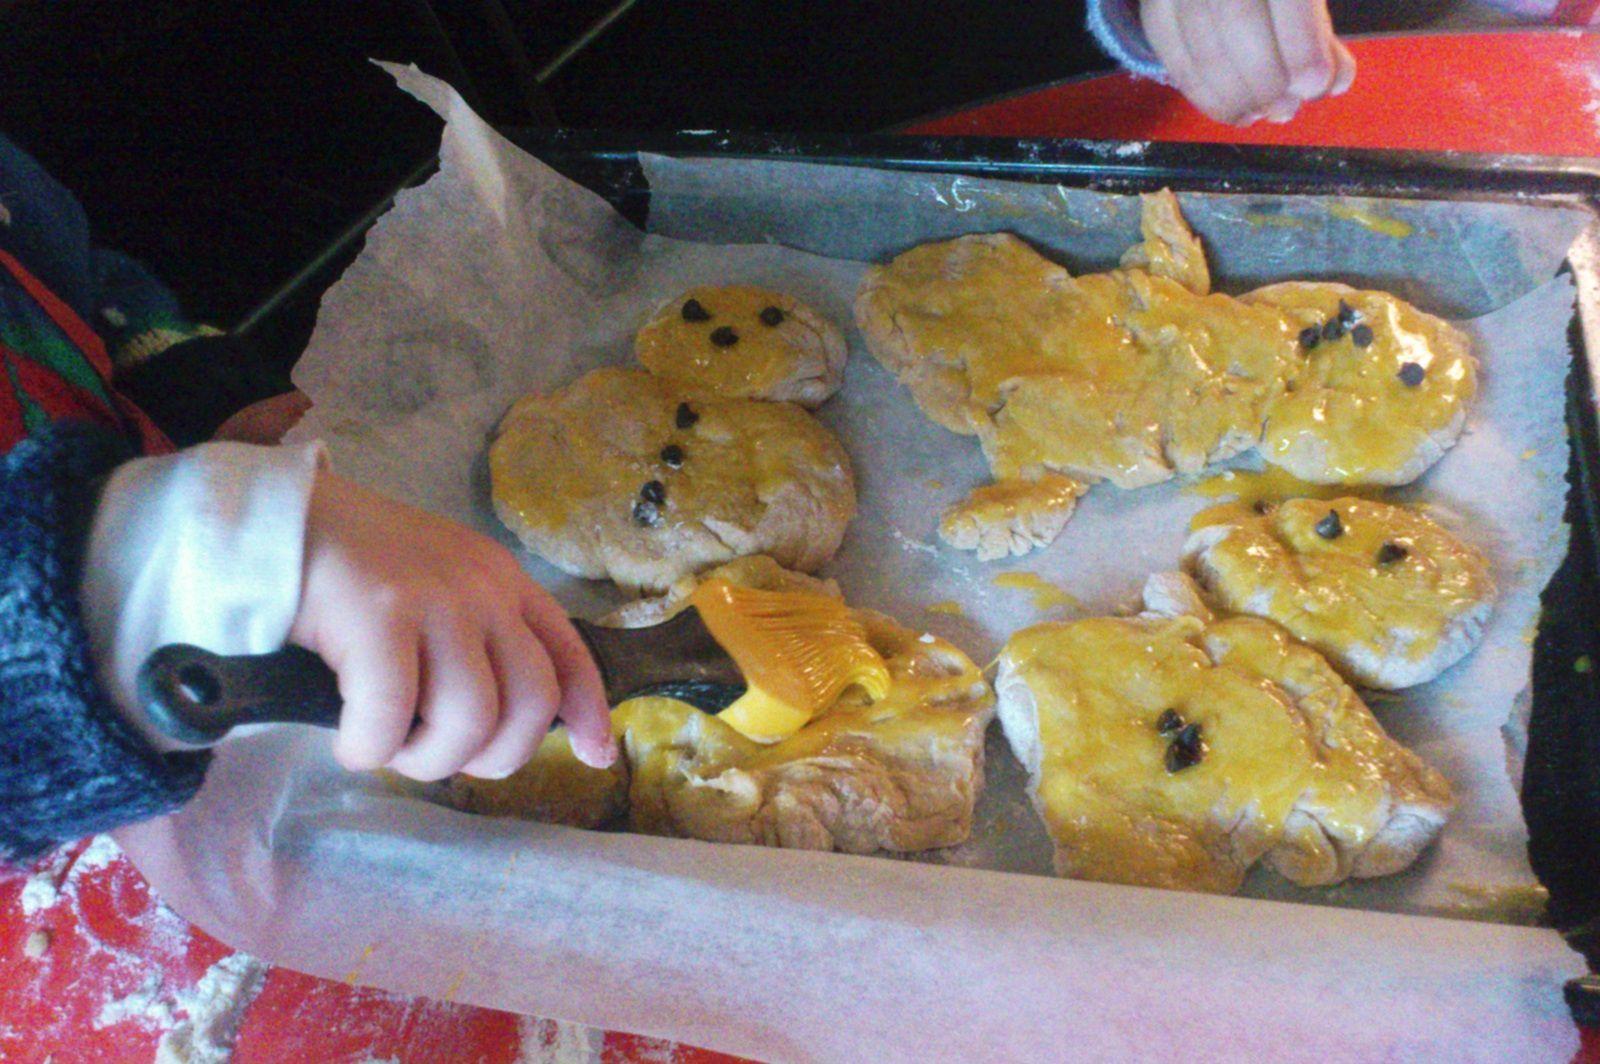 L'atelier Manalas (bonhommes alsaciens en pâte à brioche)